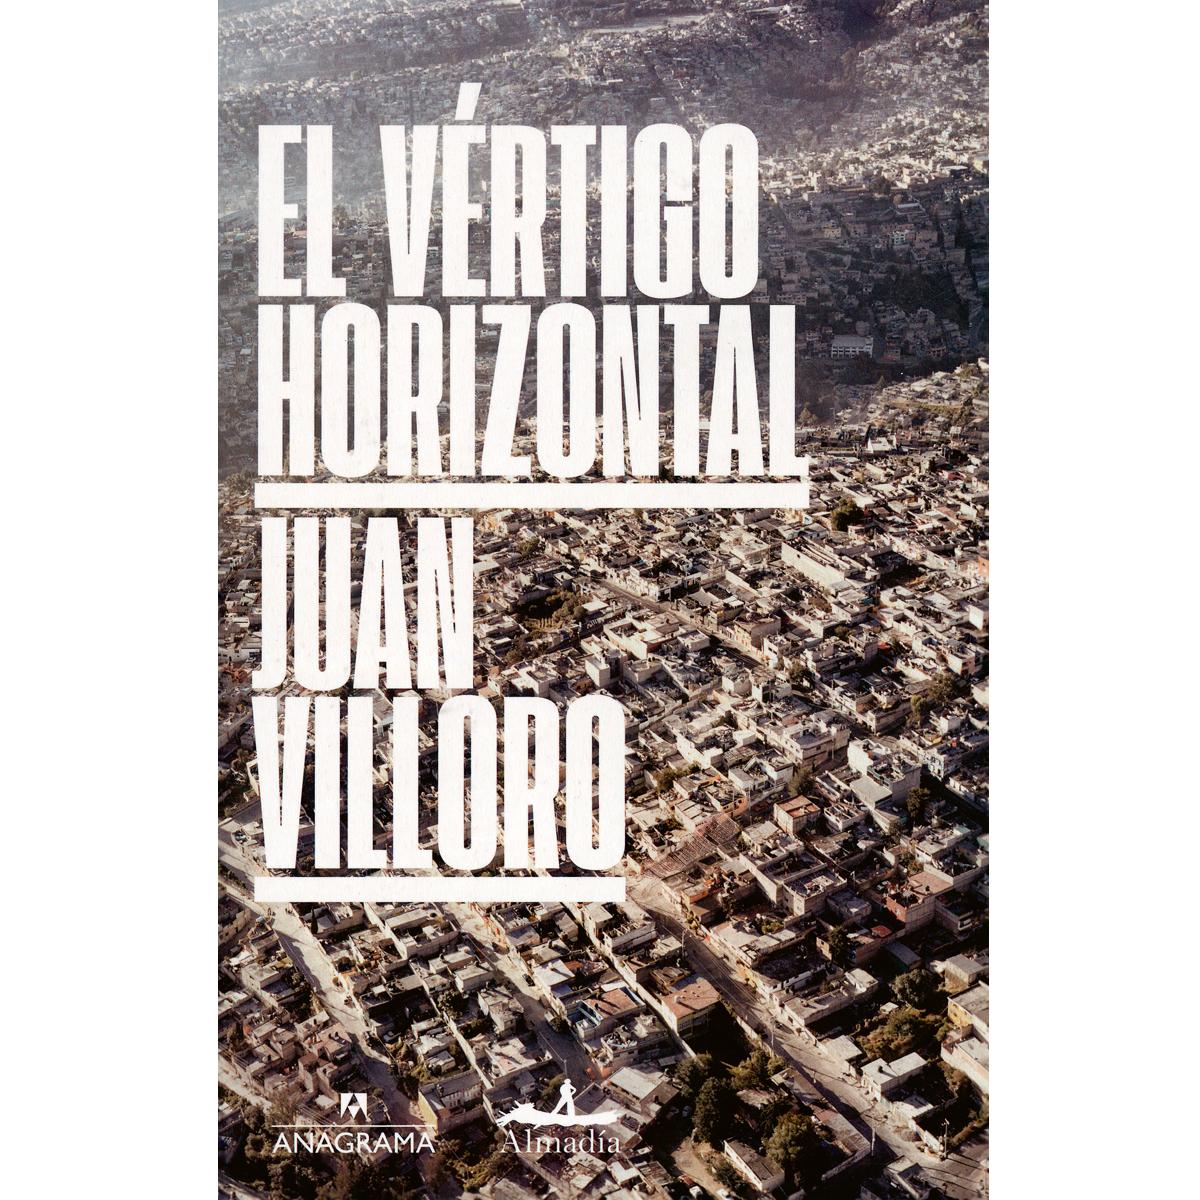 El vértigo horizontal